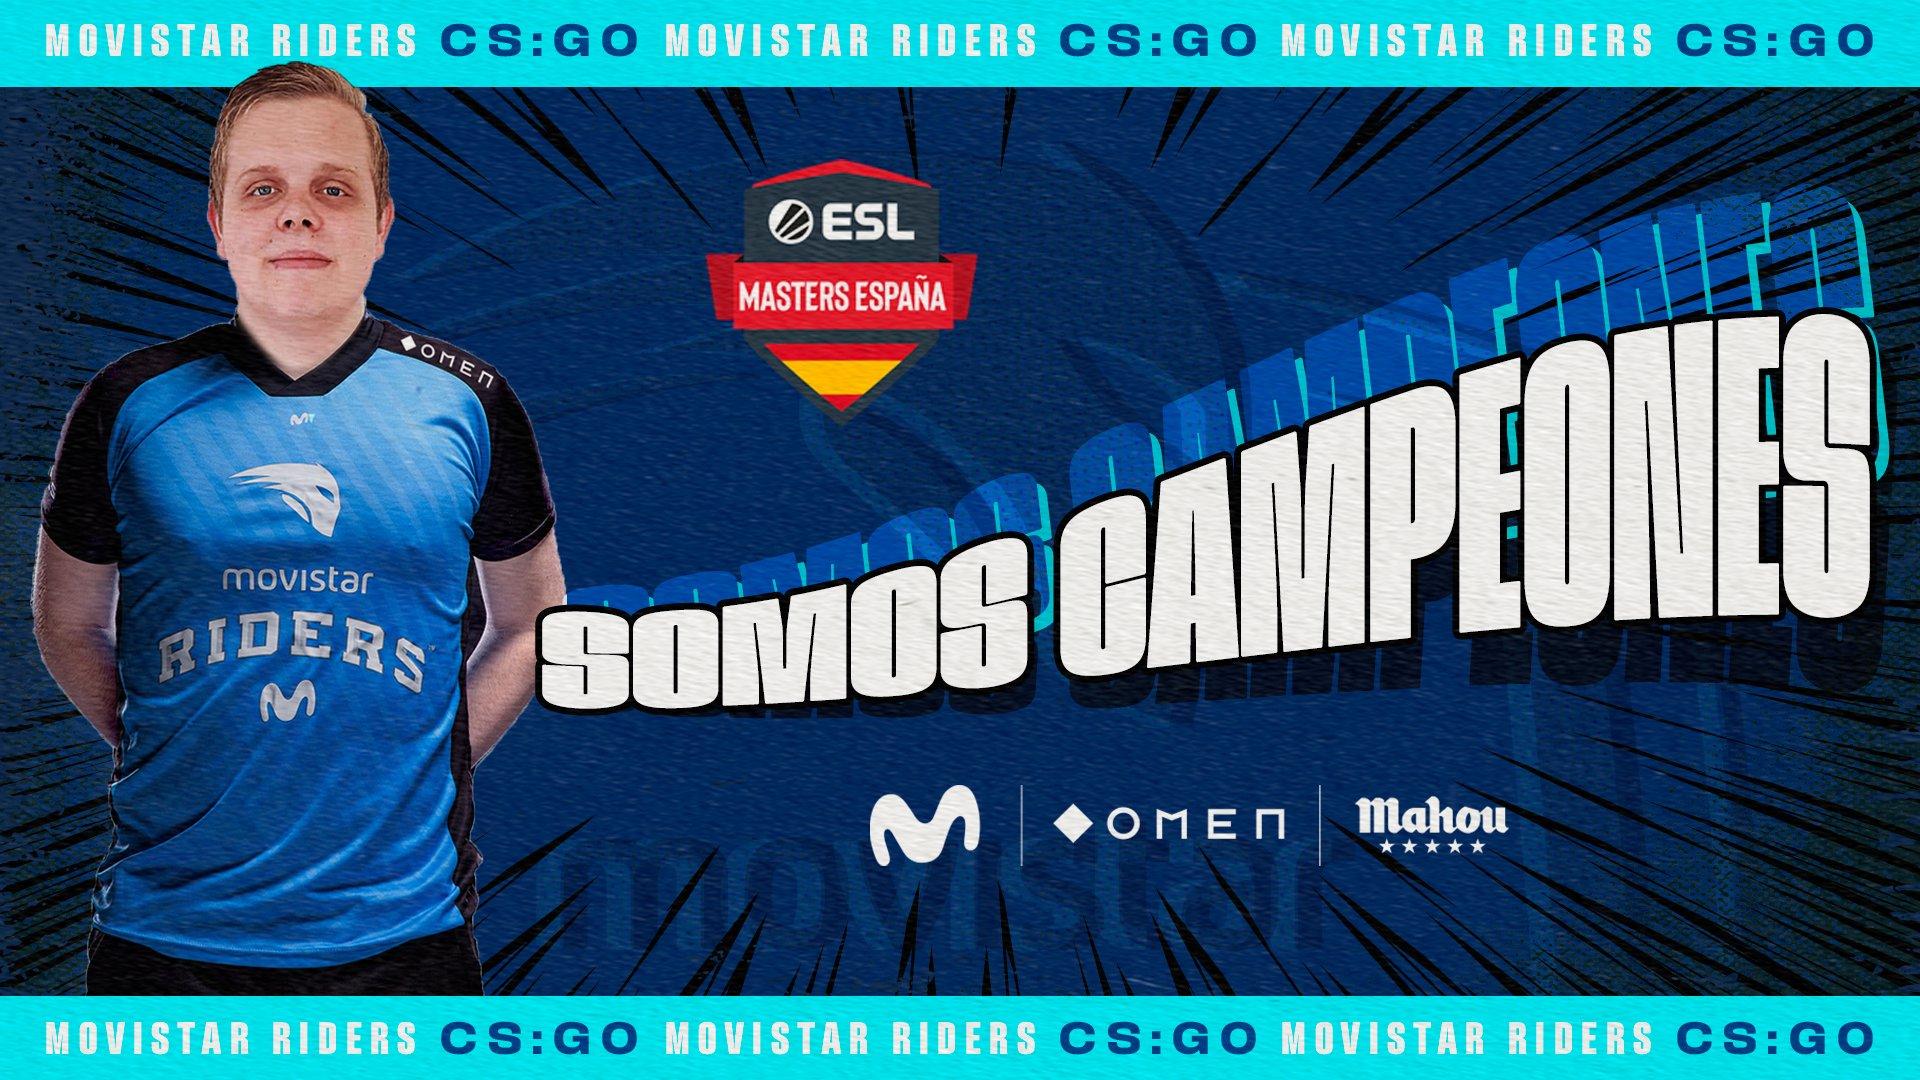 Movistar Riders, campeón de ESL Masters CS:GO